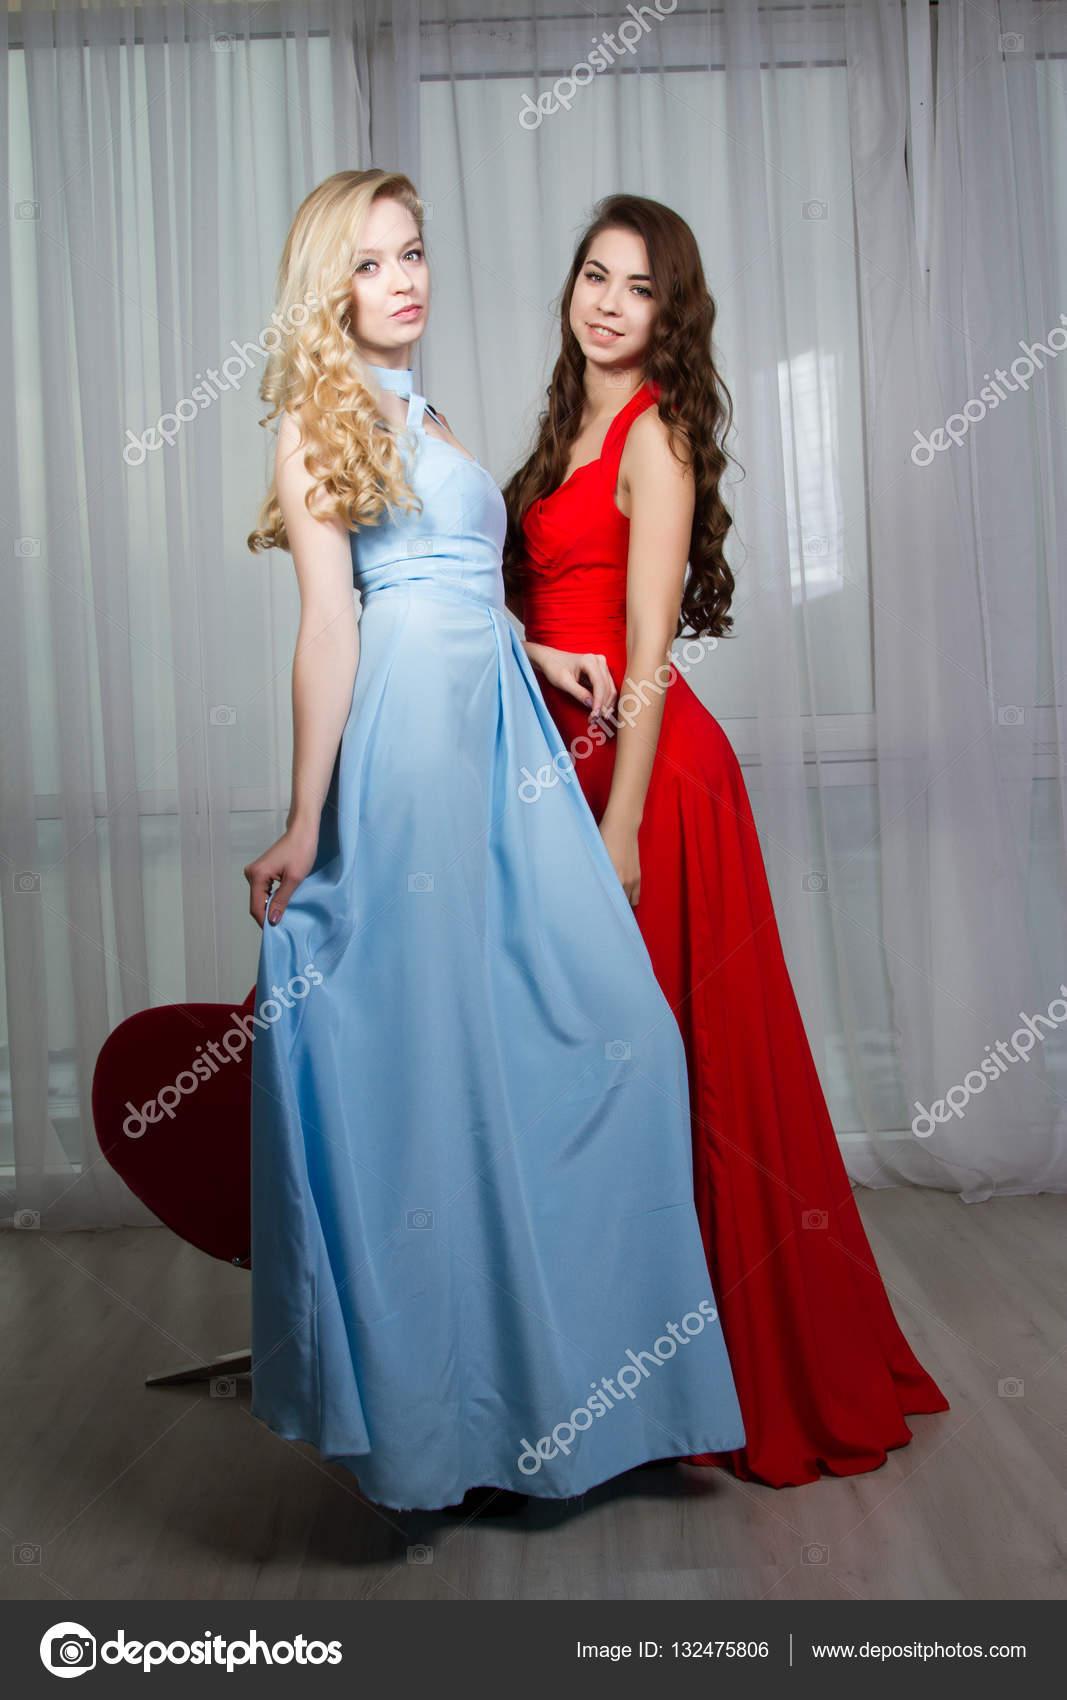 Zwei sexy junge Frauen in lange Abendkleider — Stockfoto © MomSirk ...